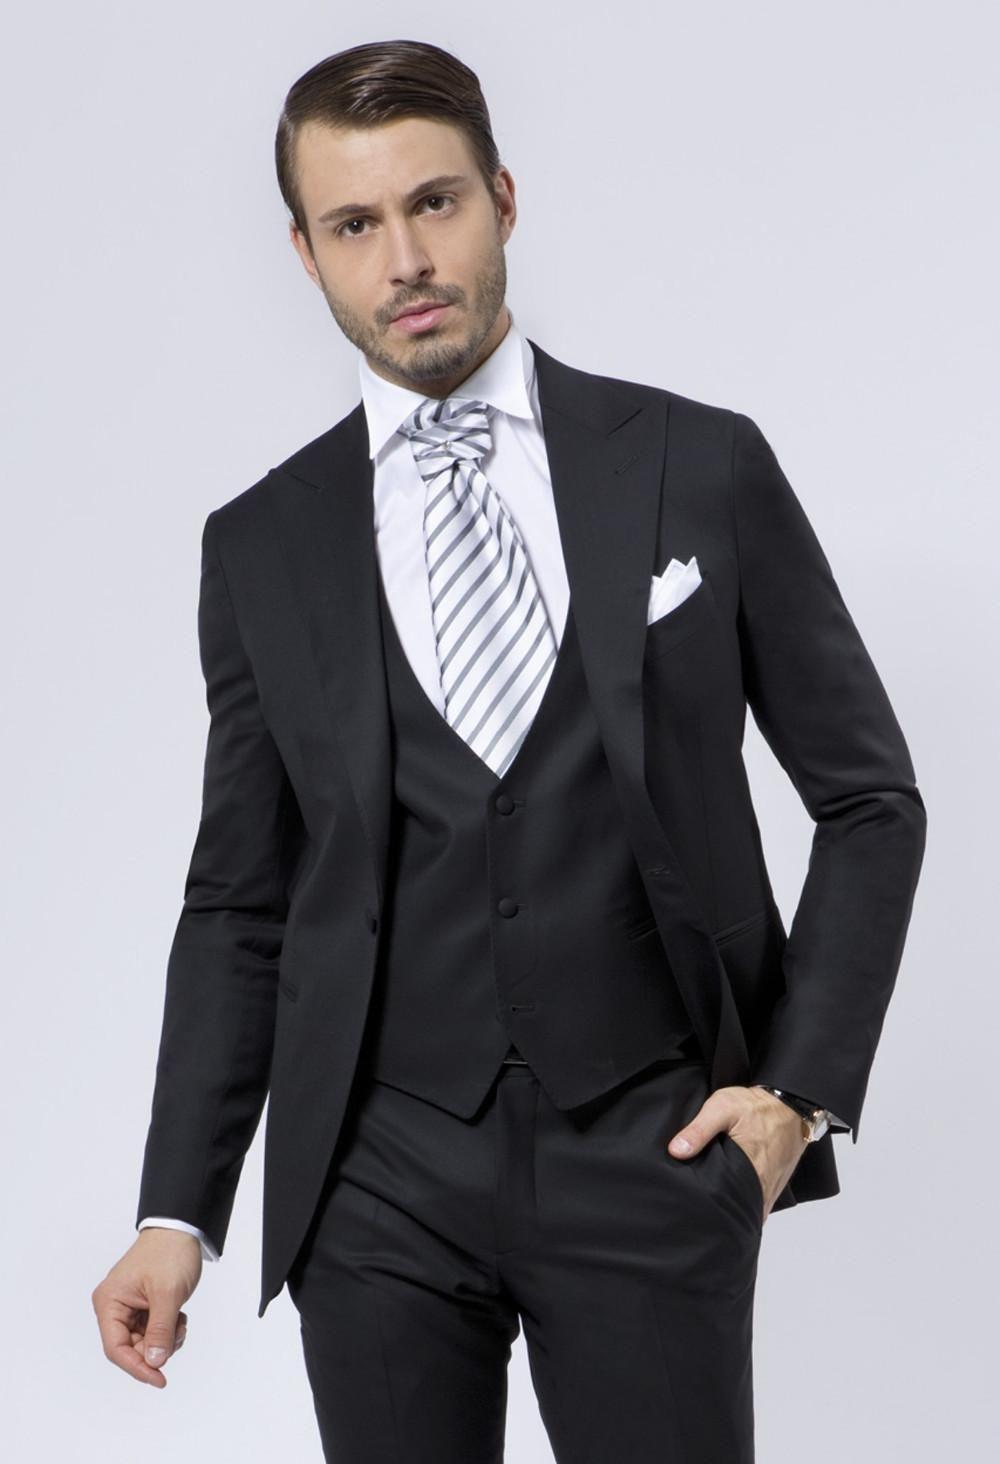 Fashion Style One Button Black Groom Tuxedos Groomsmen Mens Wedding ...